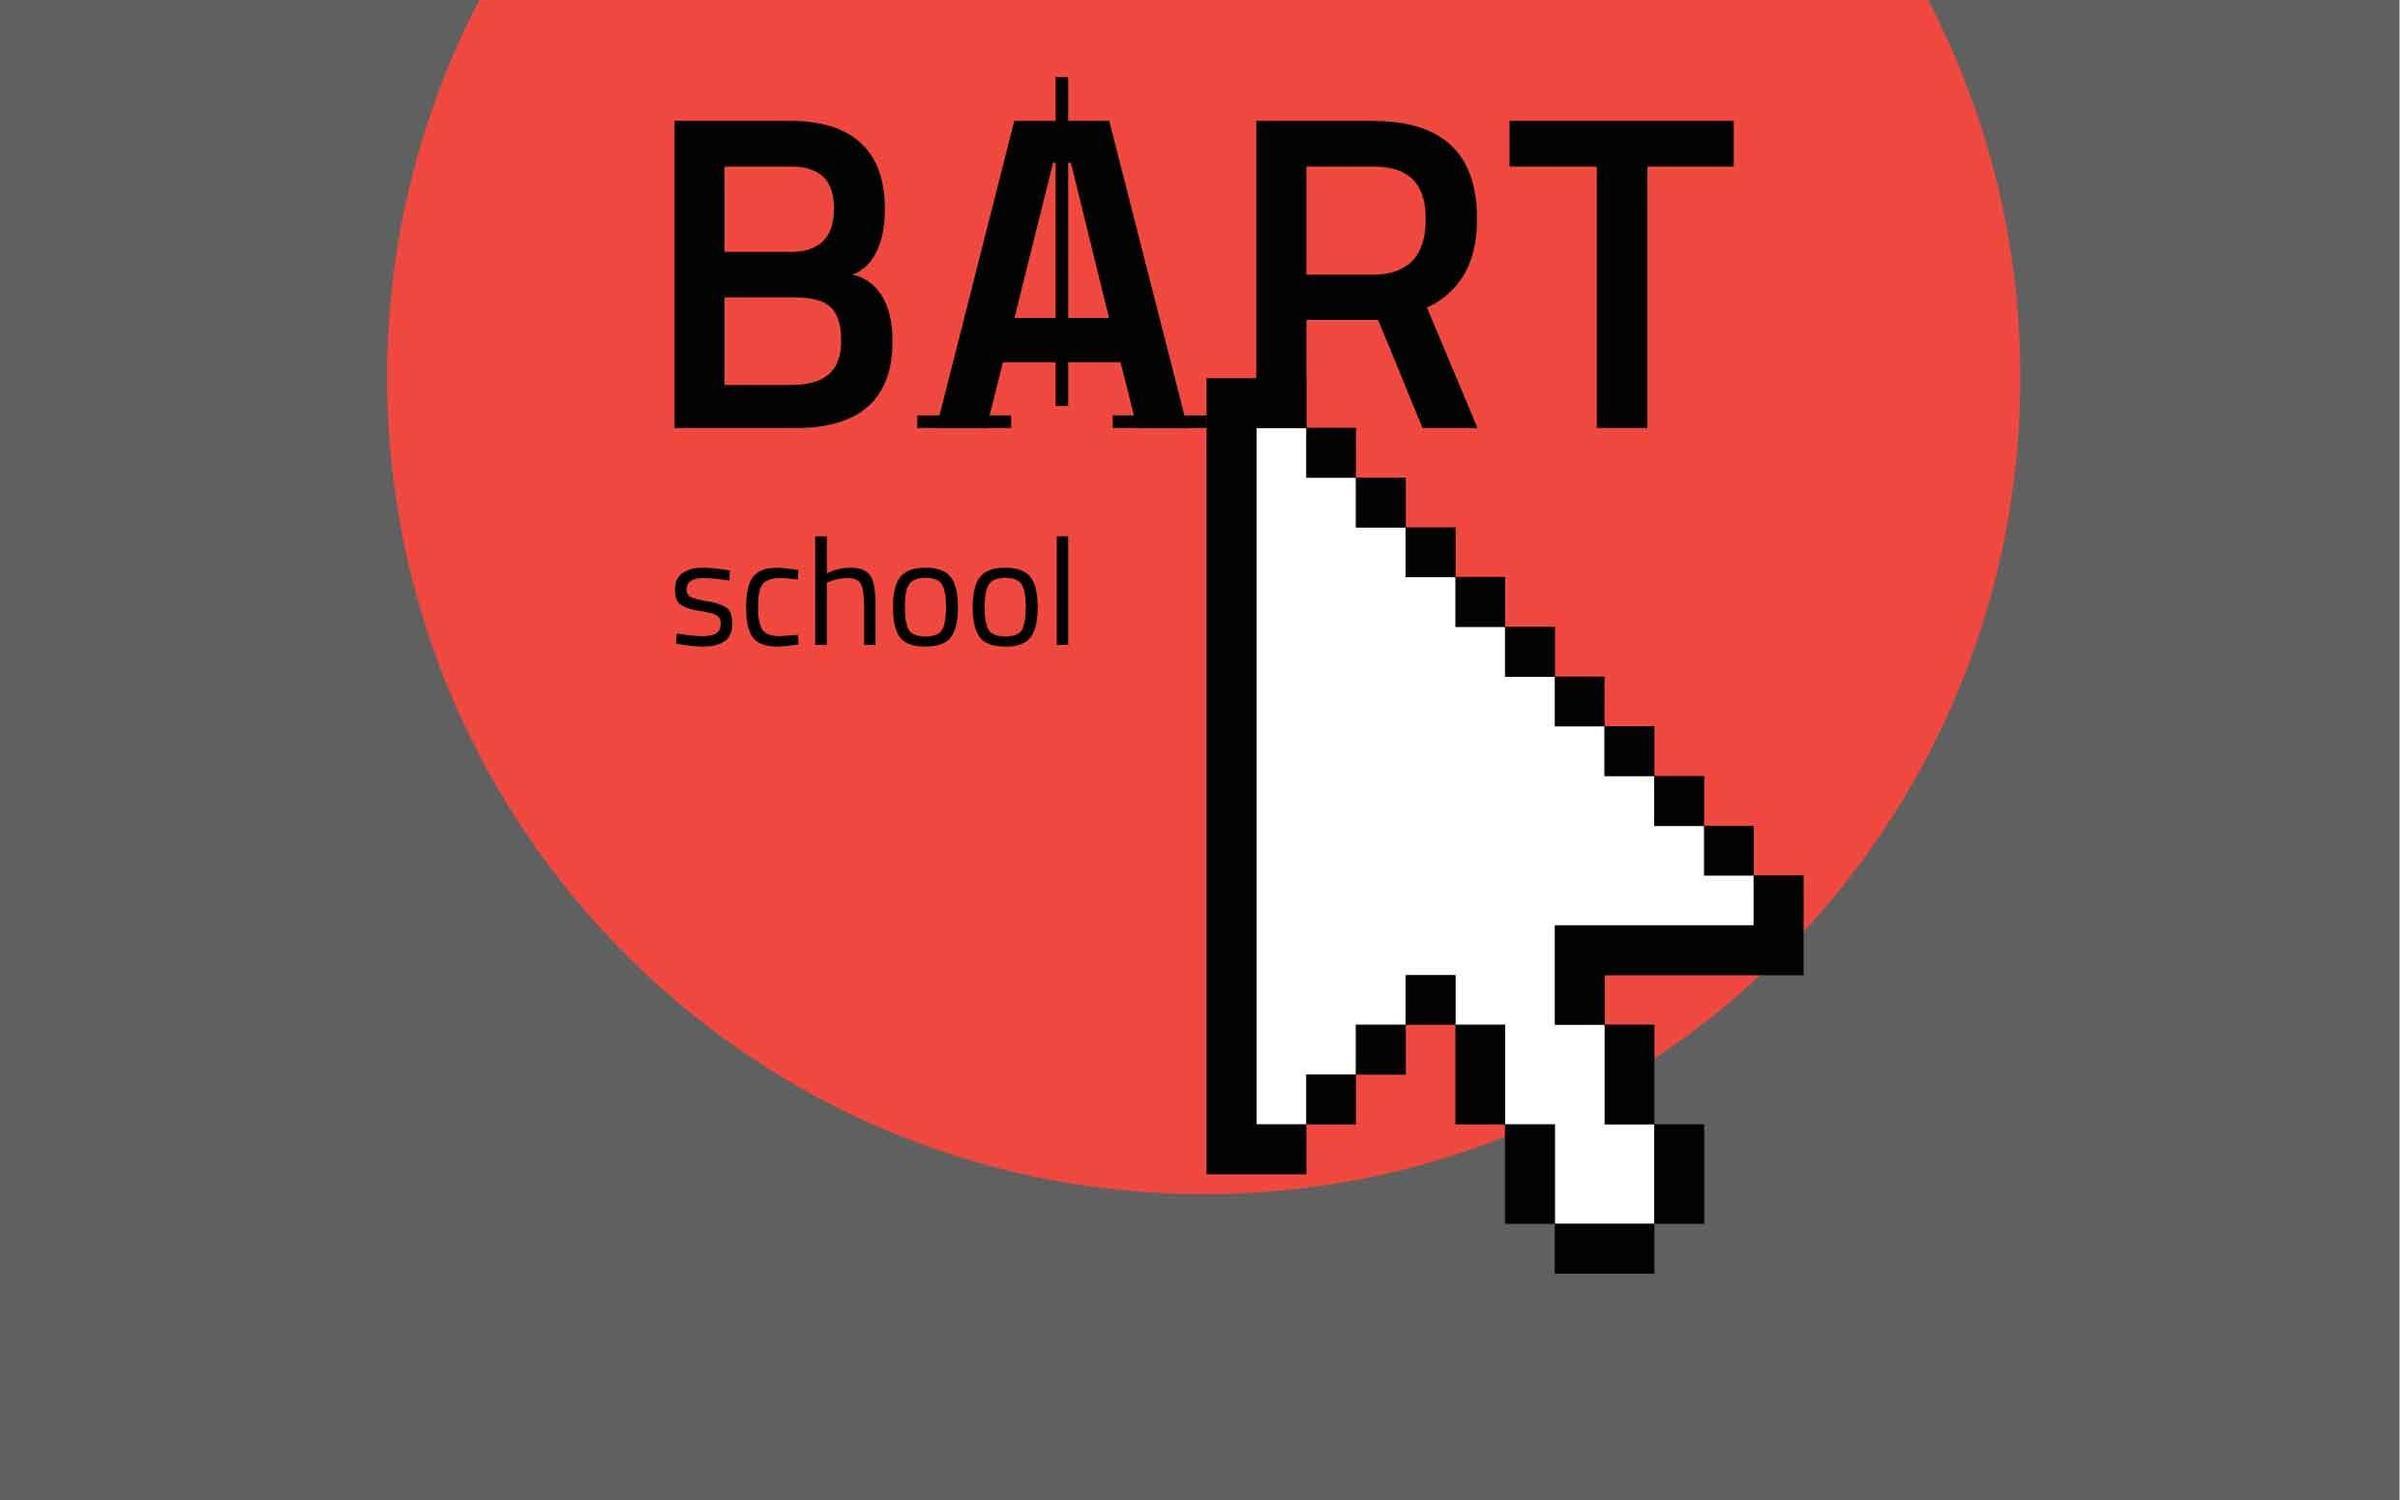 фотография Учебного центра компьютерной графики Bartschool в Тбилисском переулке